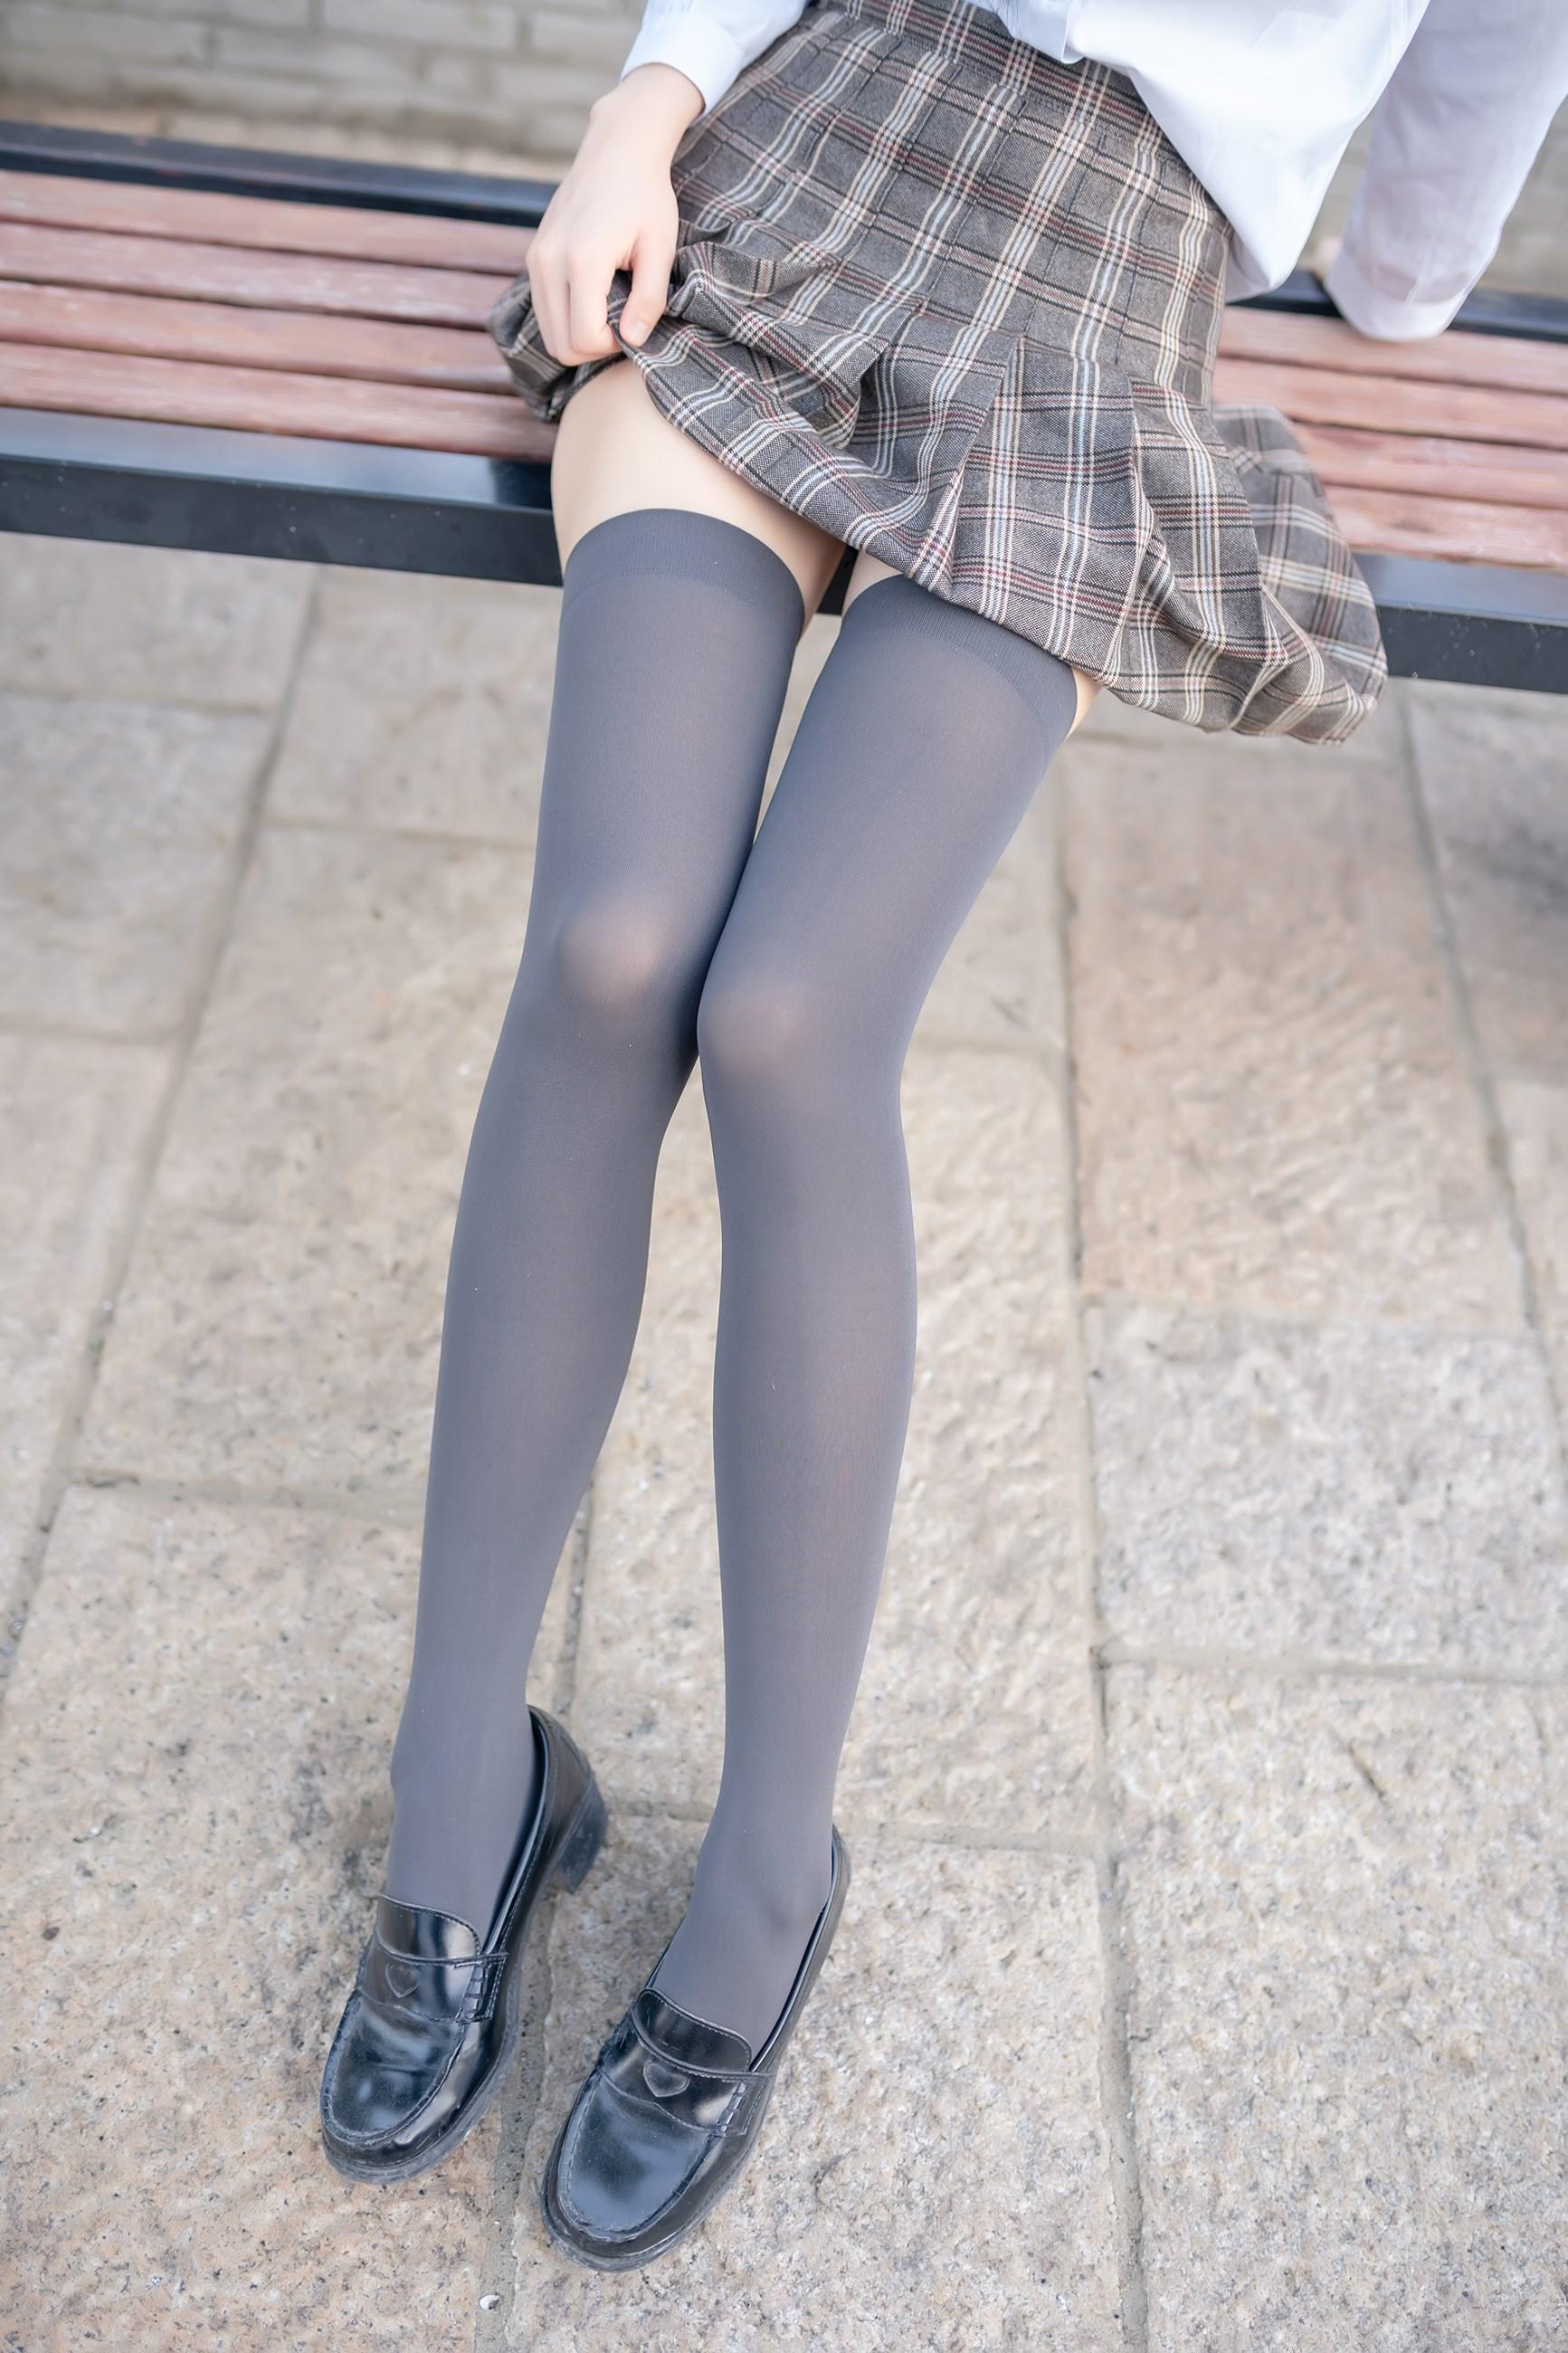 【兔玩映画】这个腿也太棒了吧! 兔玩映画 第1张